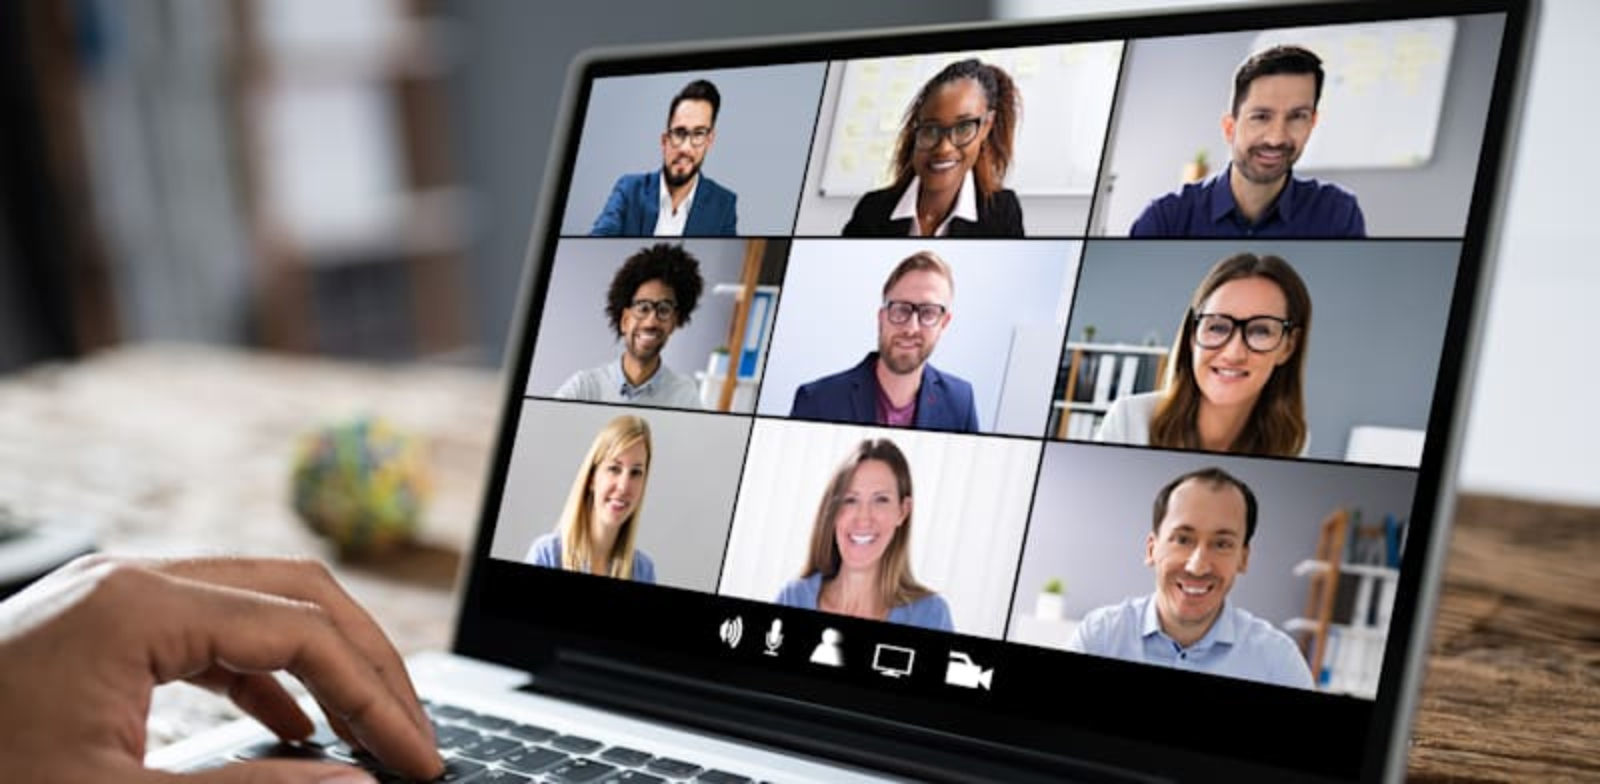 שיחת וידאו. טכנולוגיה לקבלת החלטות / צילום: Shutterstock, Andrey_Popov